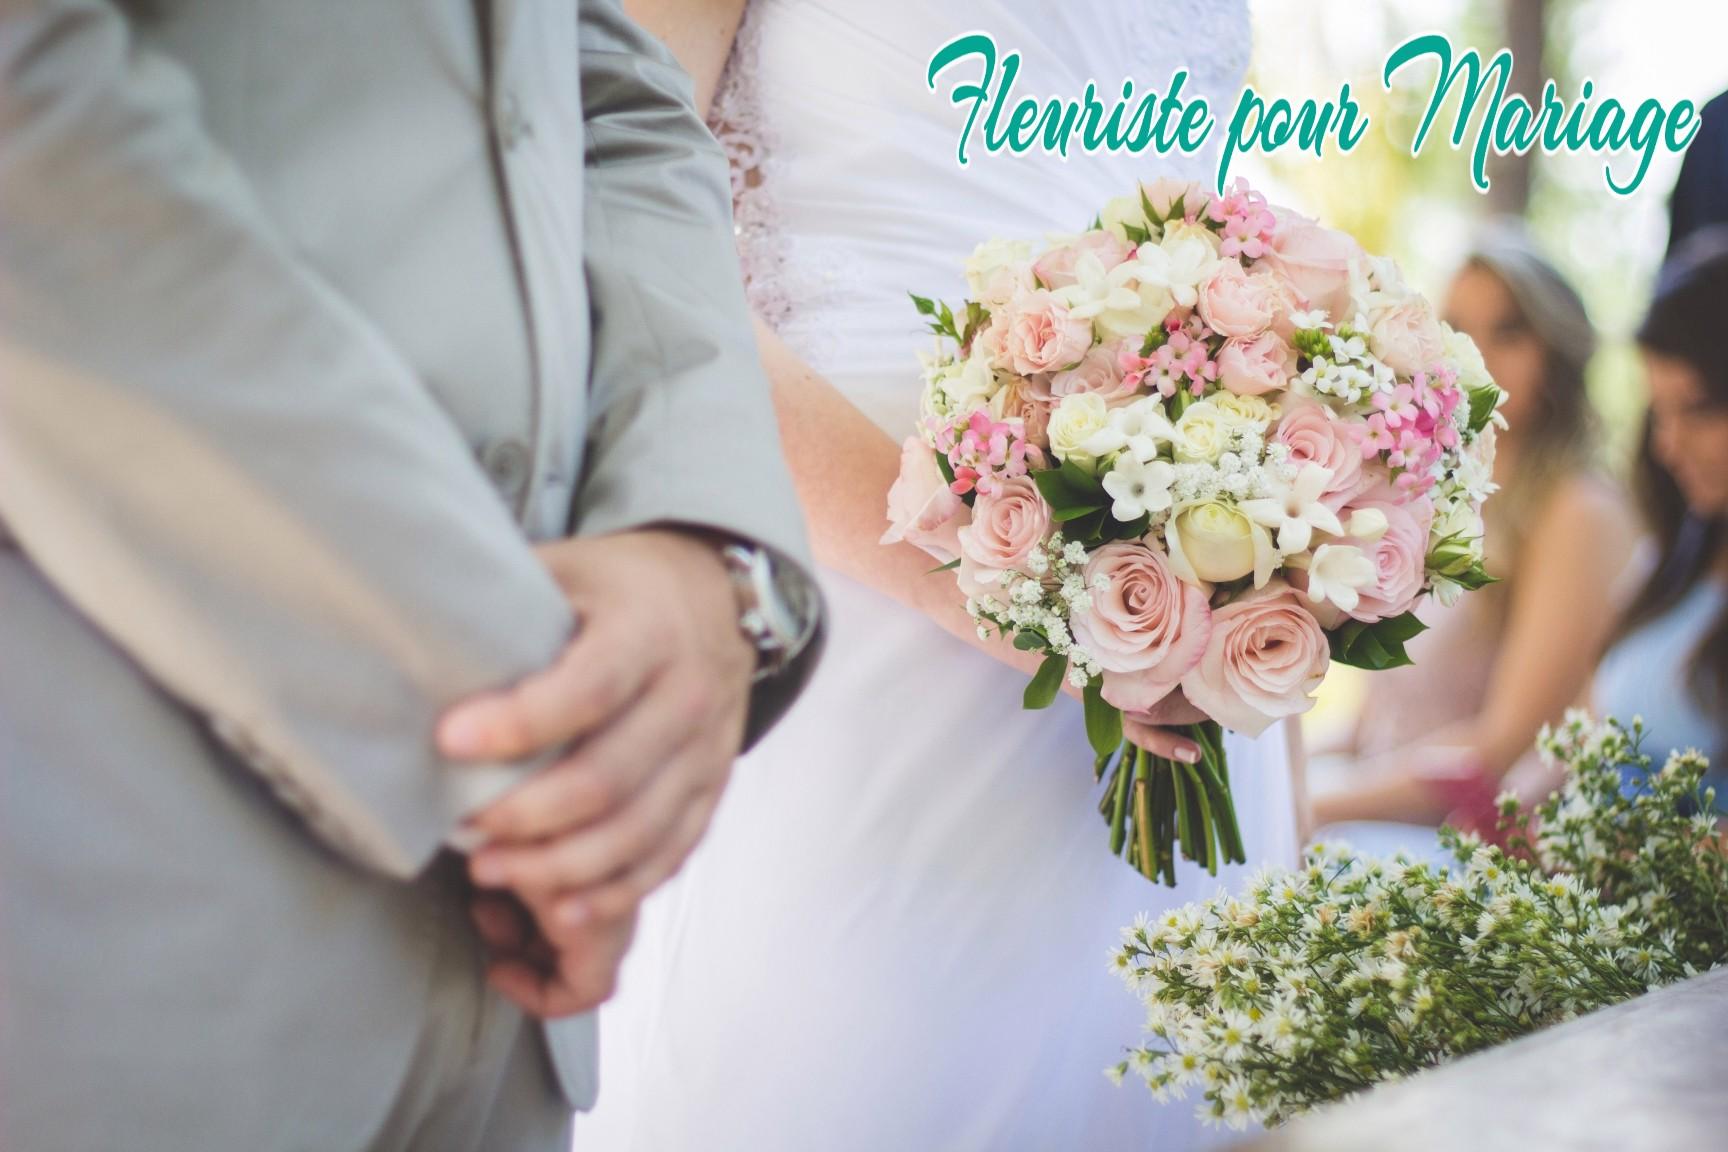 DECORATION FLORALE POUR MARIAGE CANNES - FLEURISTE CANNES